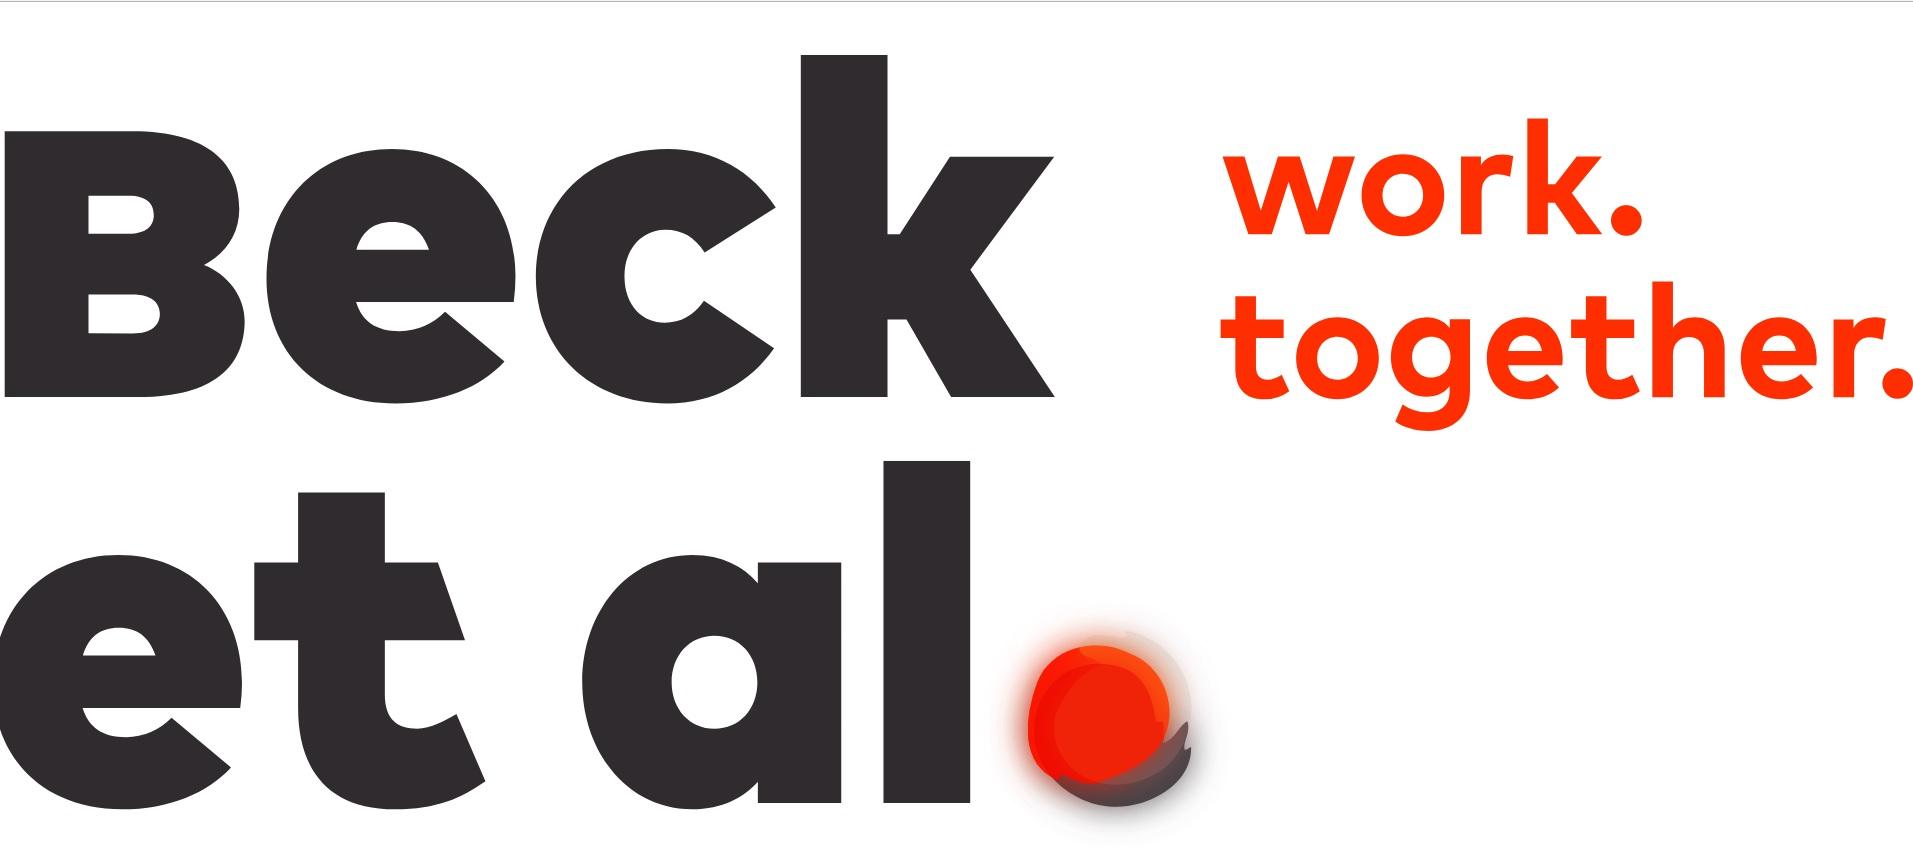 Beck Et Al.